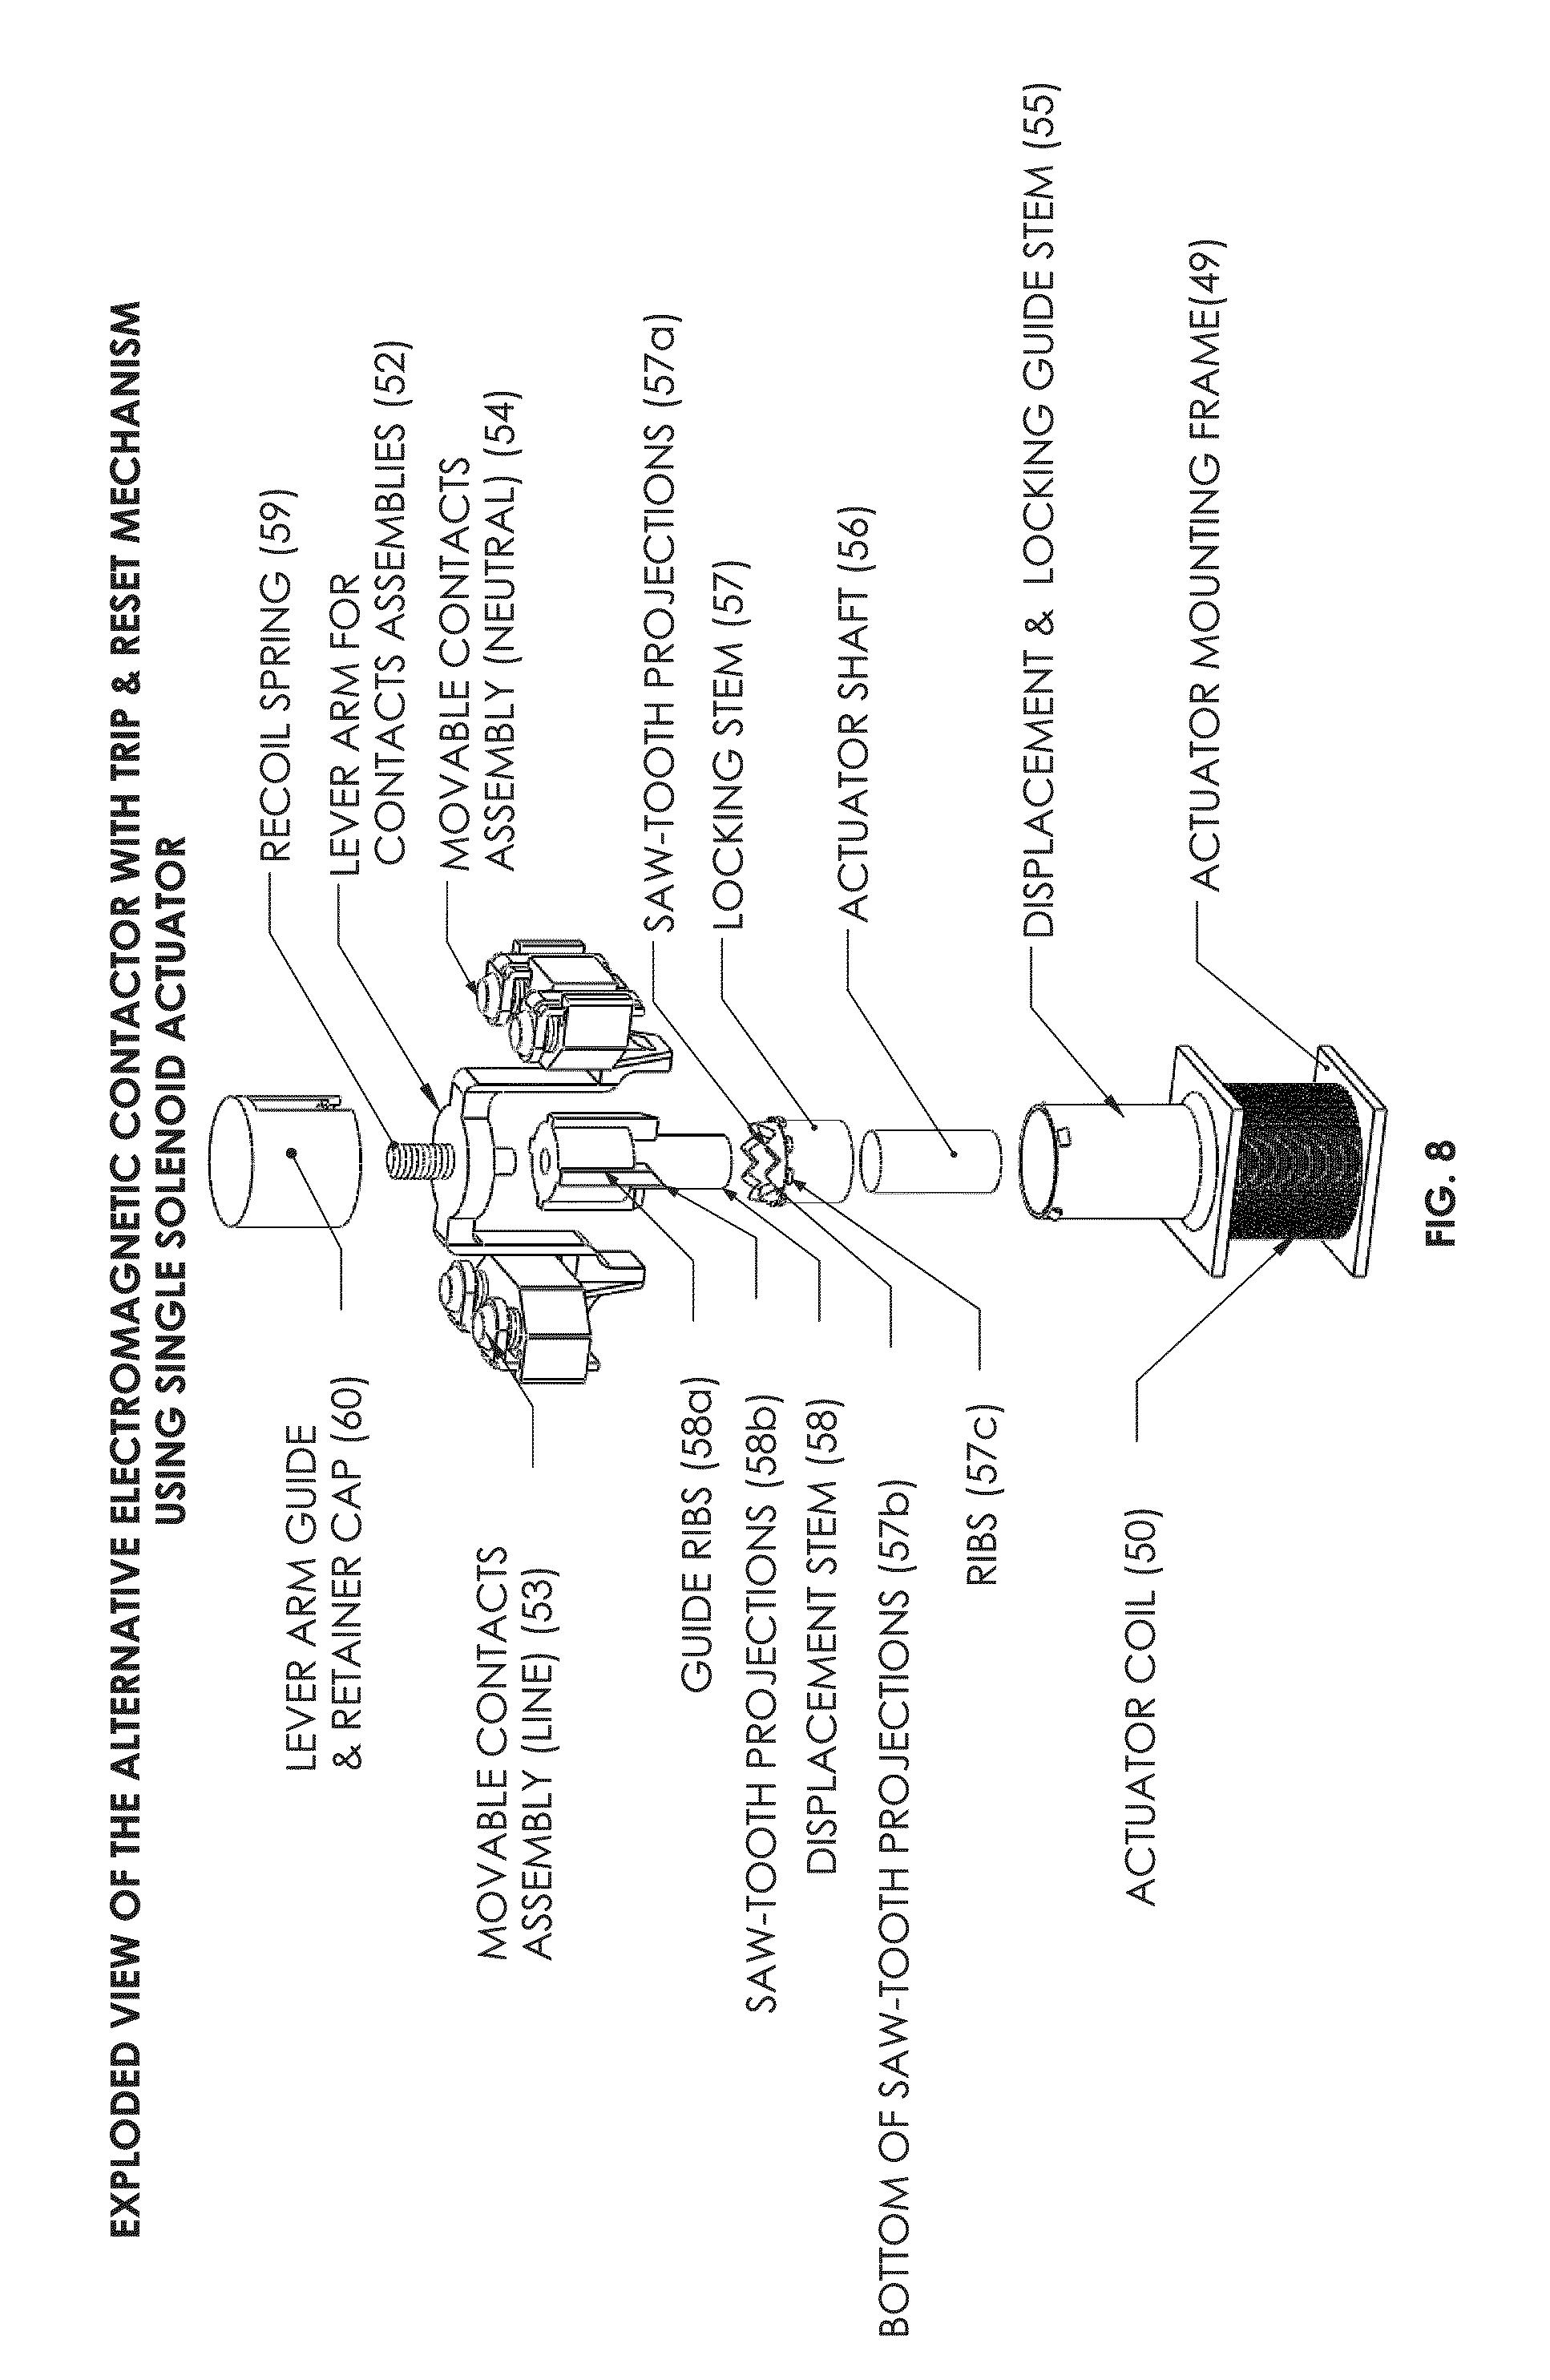 patent us20100097733